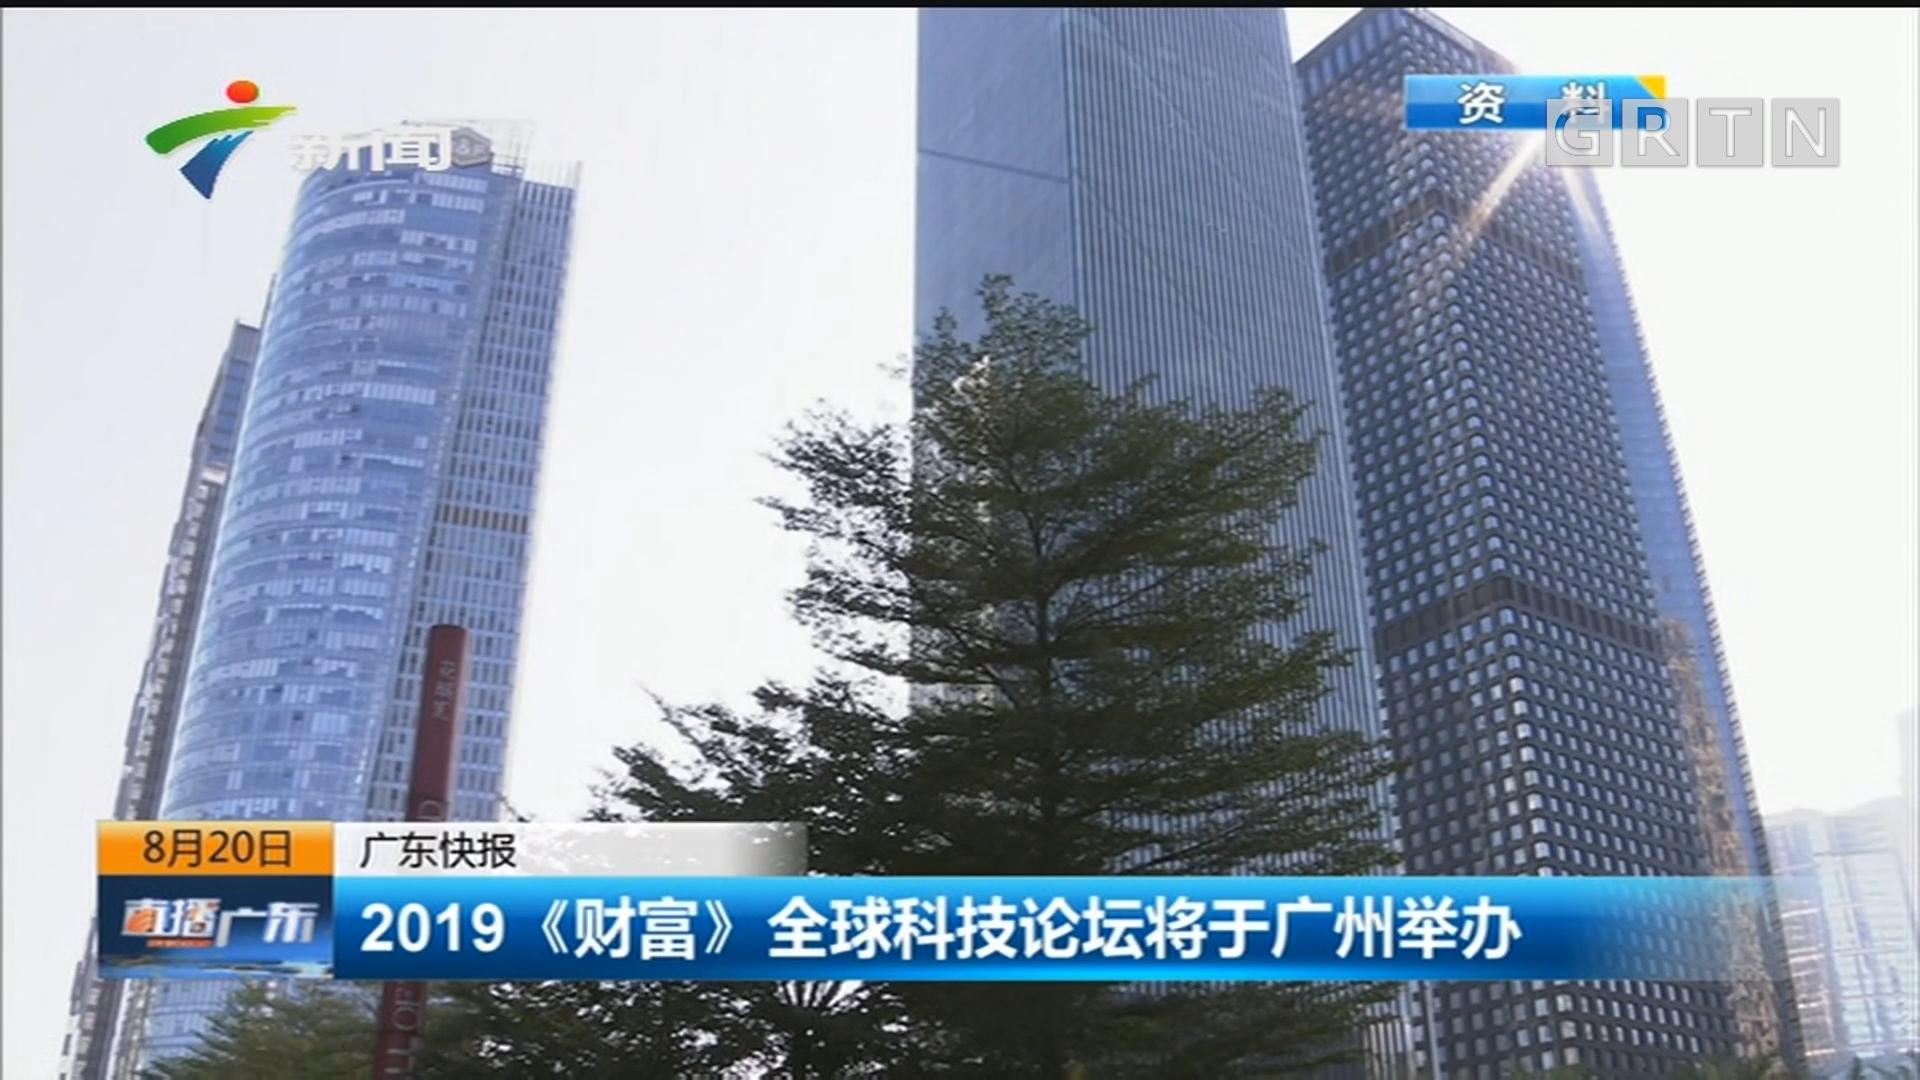 2019《财富》全球科技论坛将于广州举办